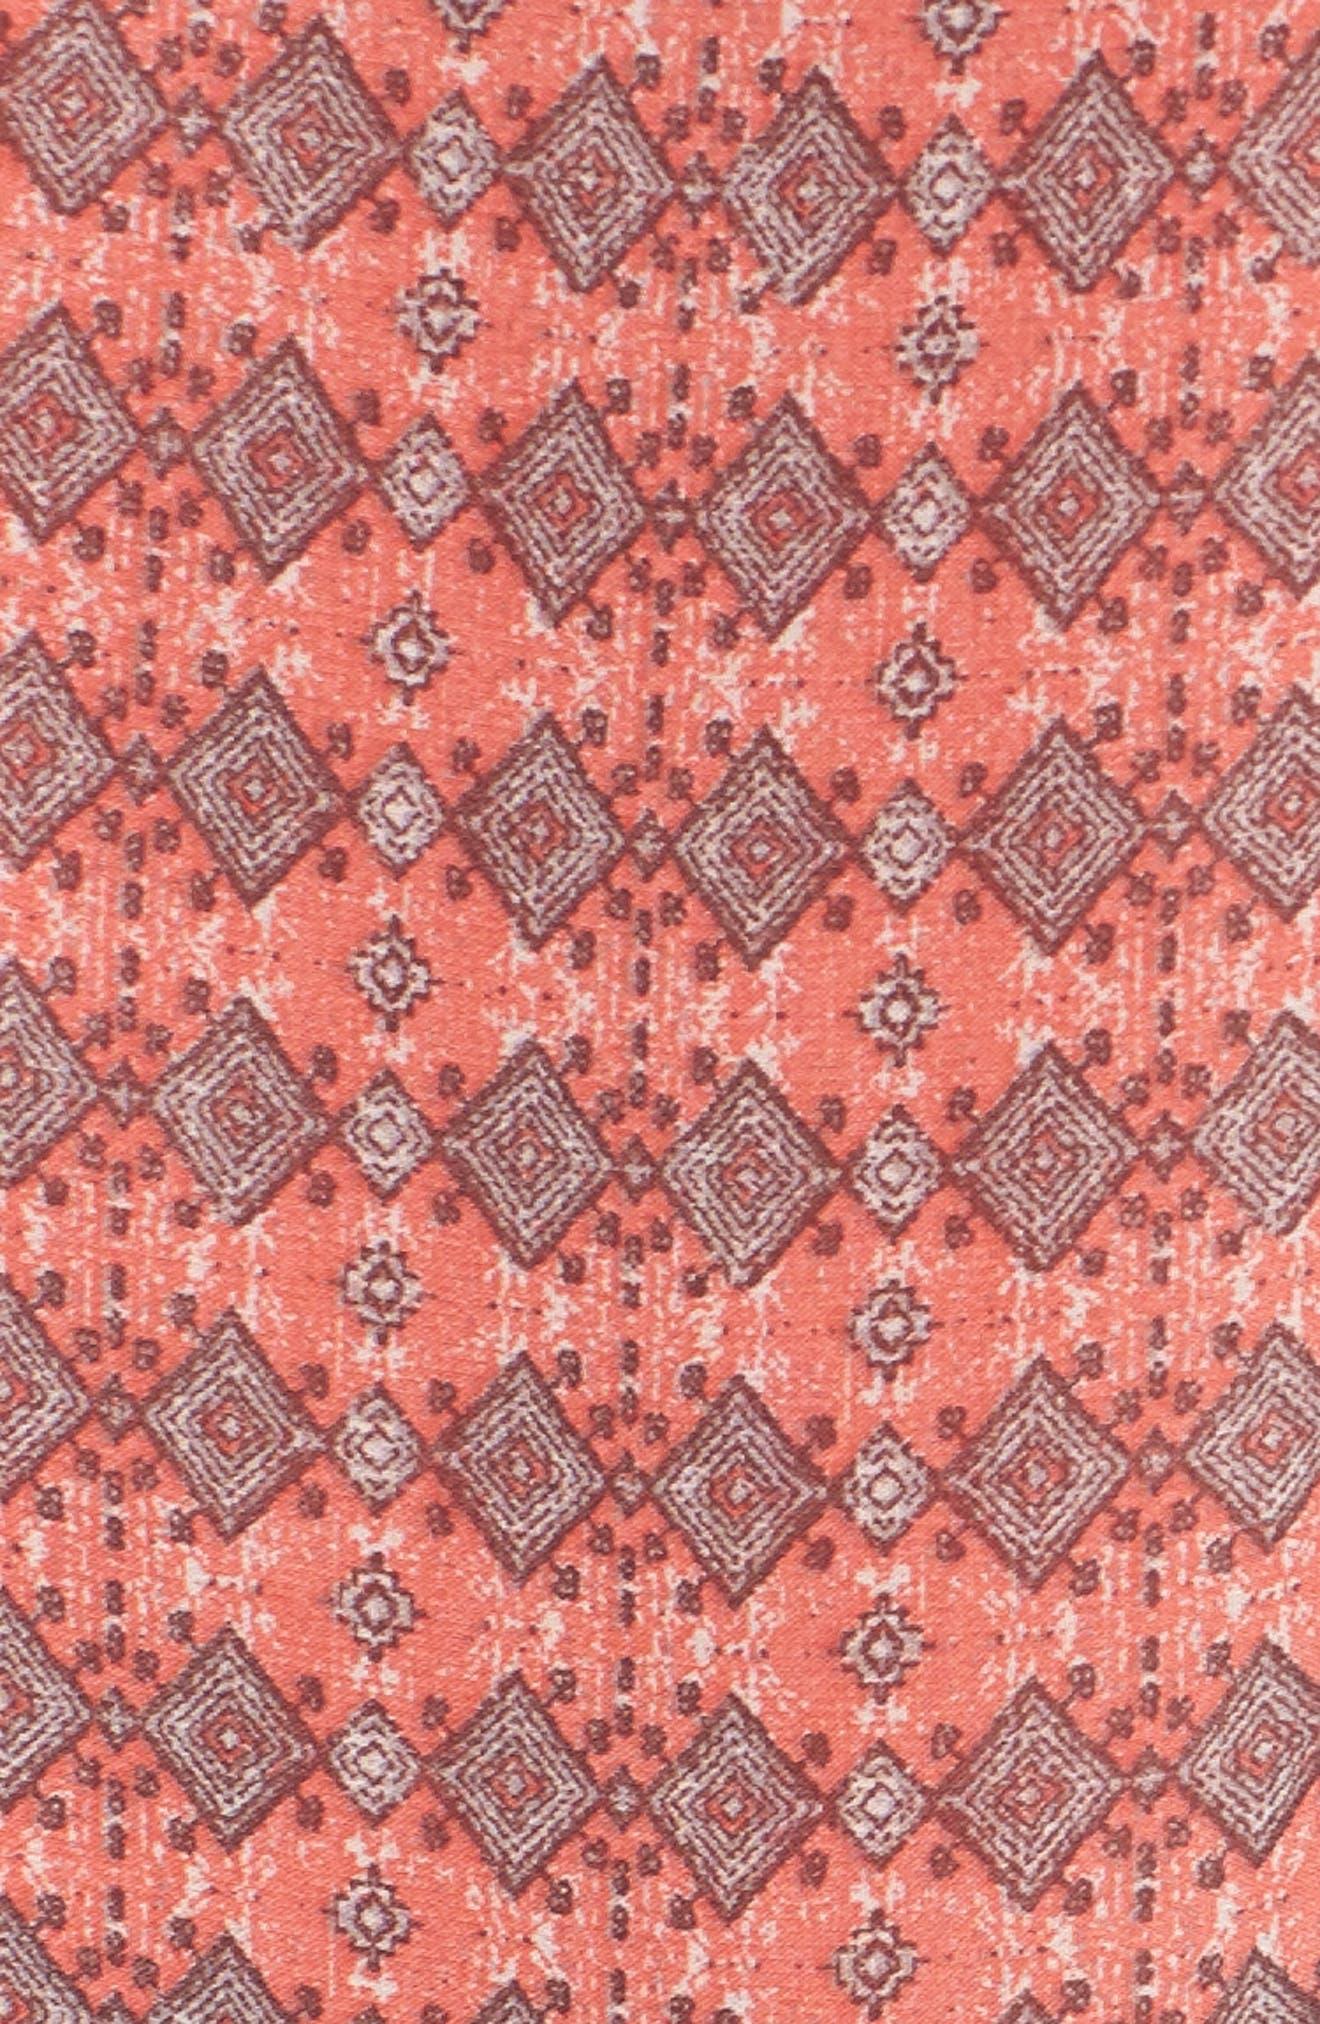 Jenna Print Peasant Dress,                             Alternate thumbnail 6, color,                             Pink Multi